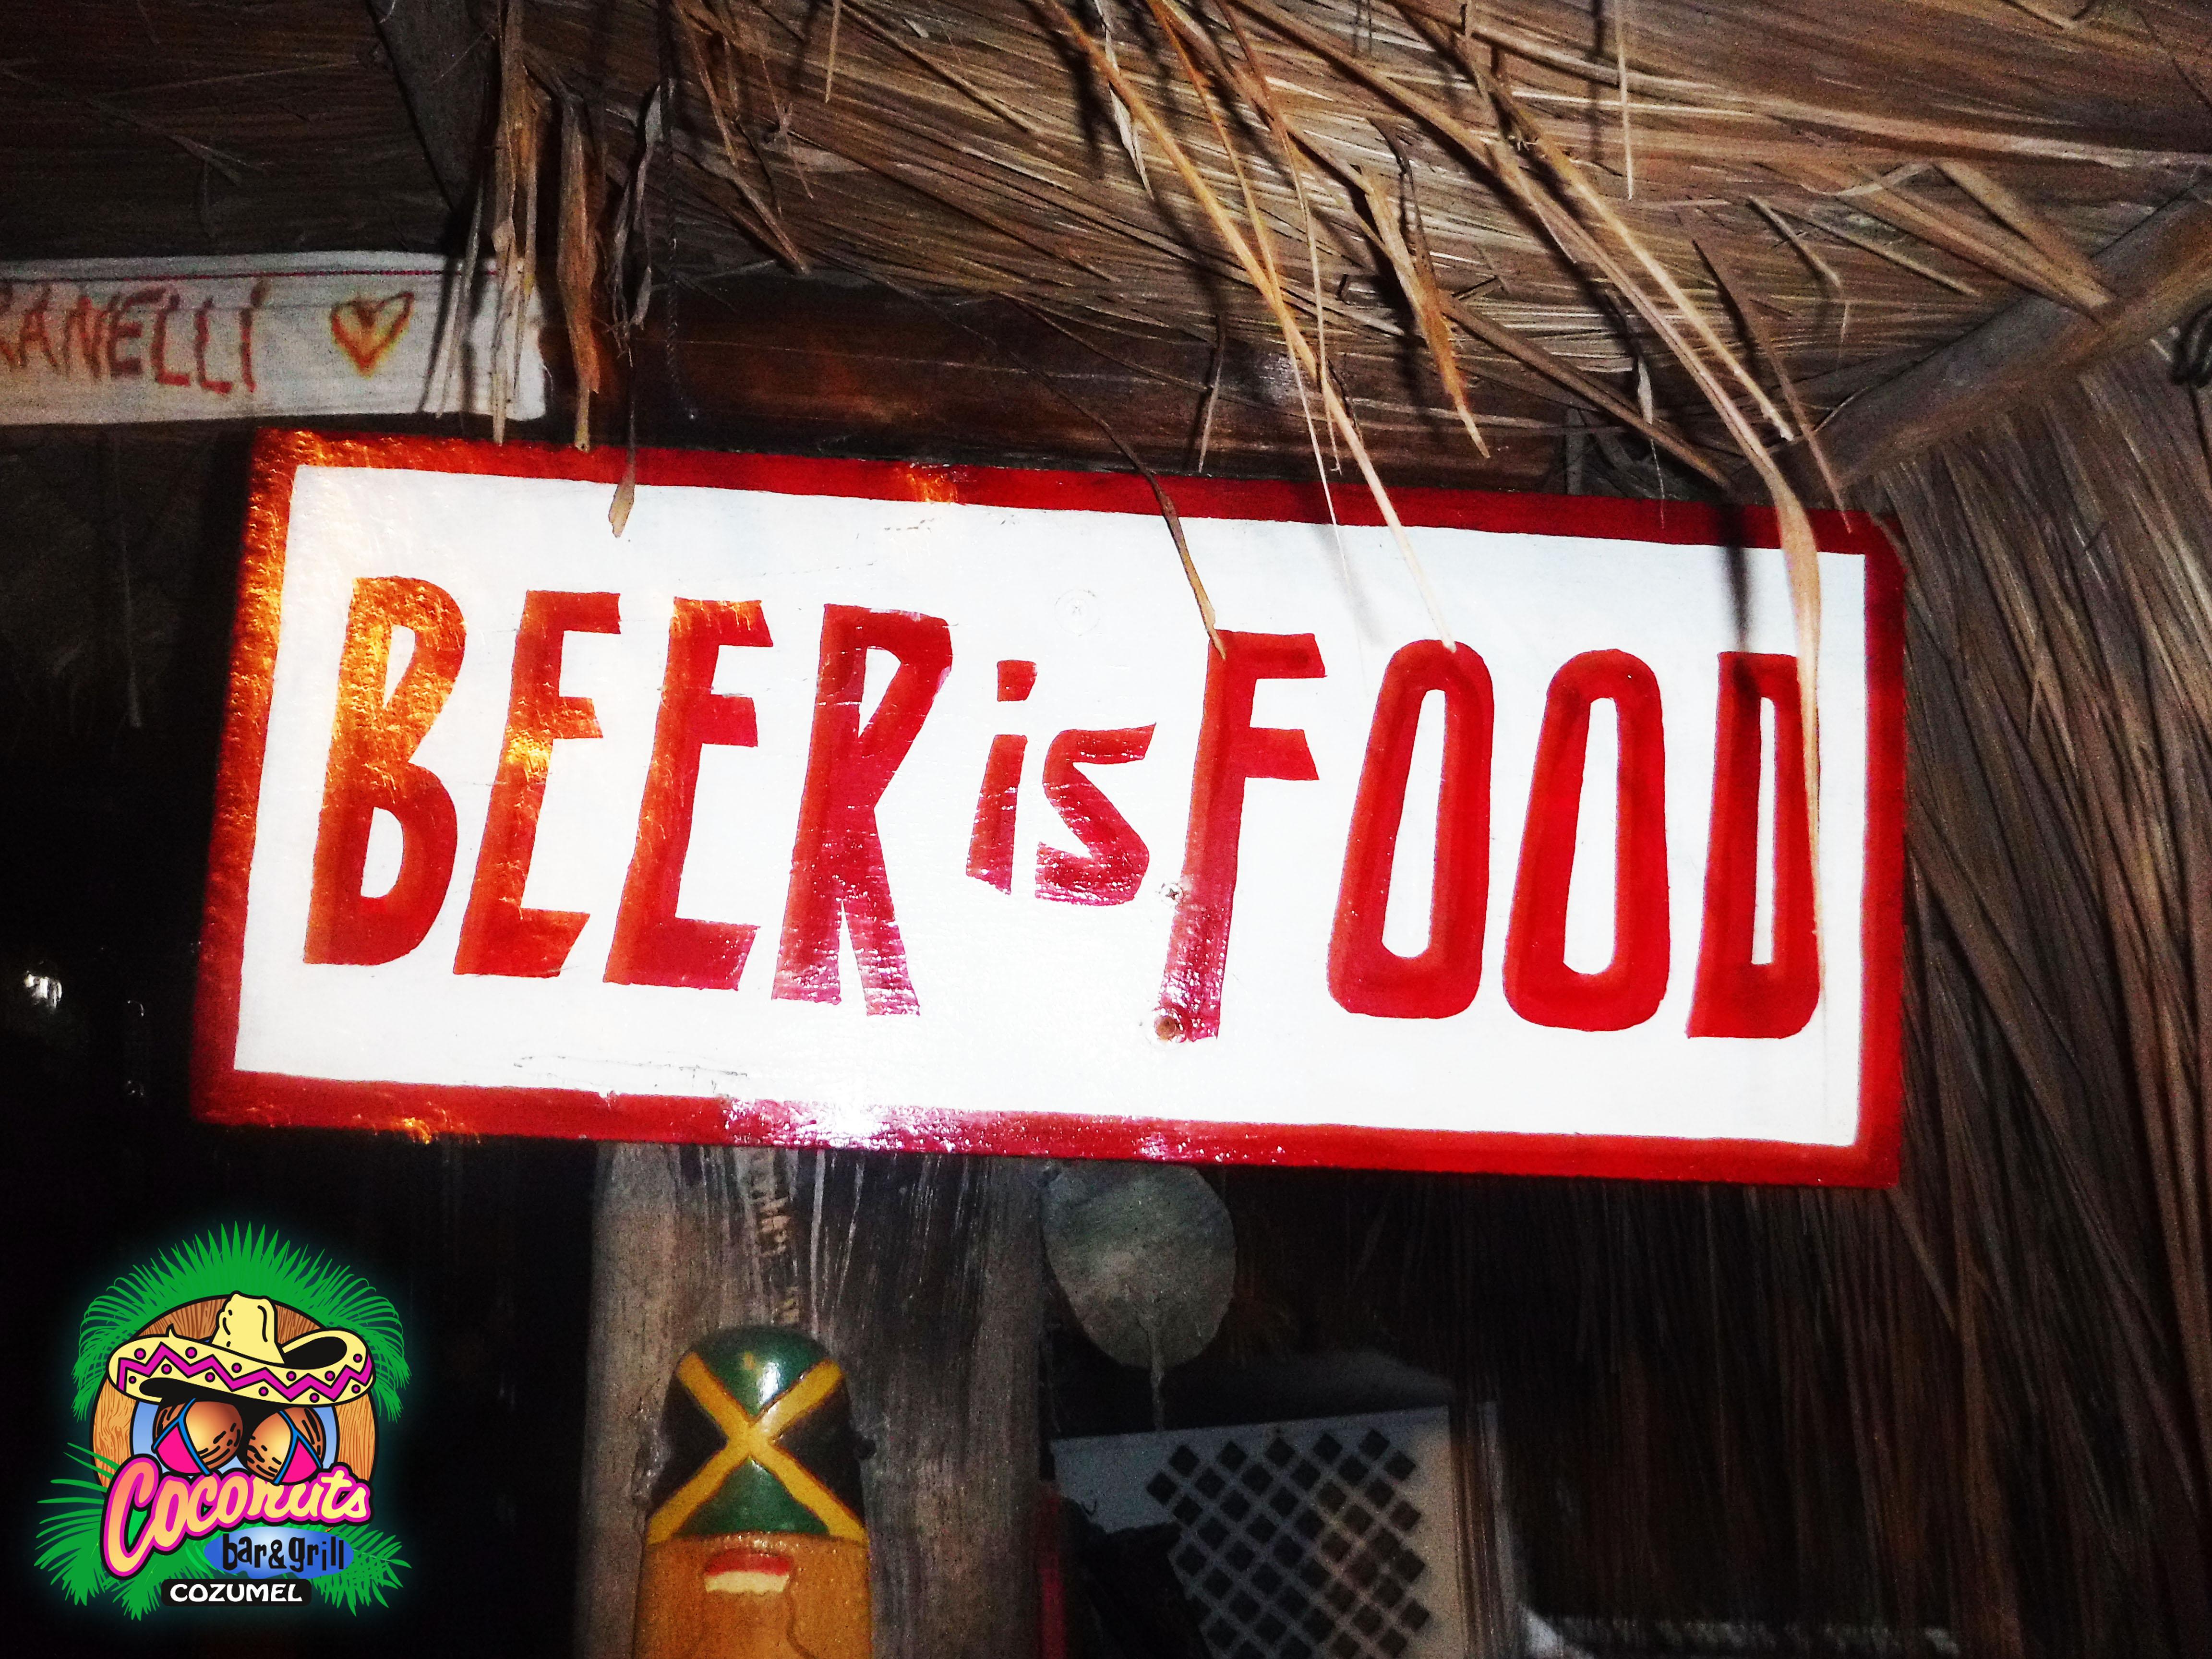 beerfood2